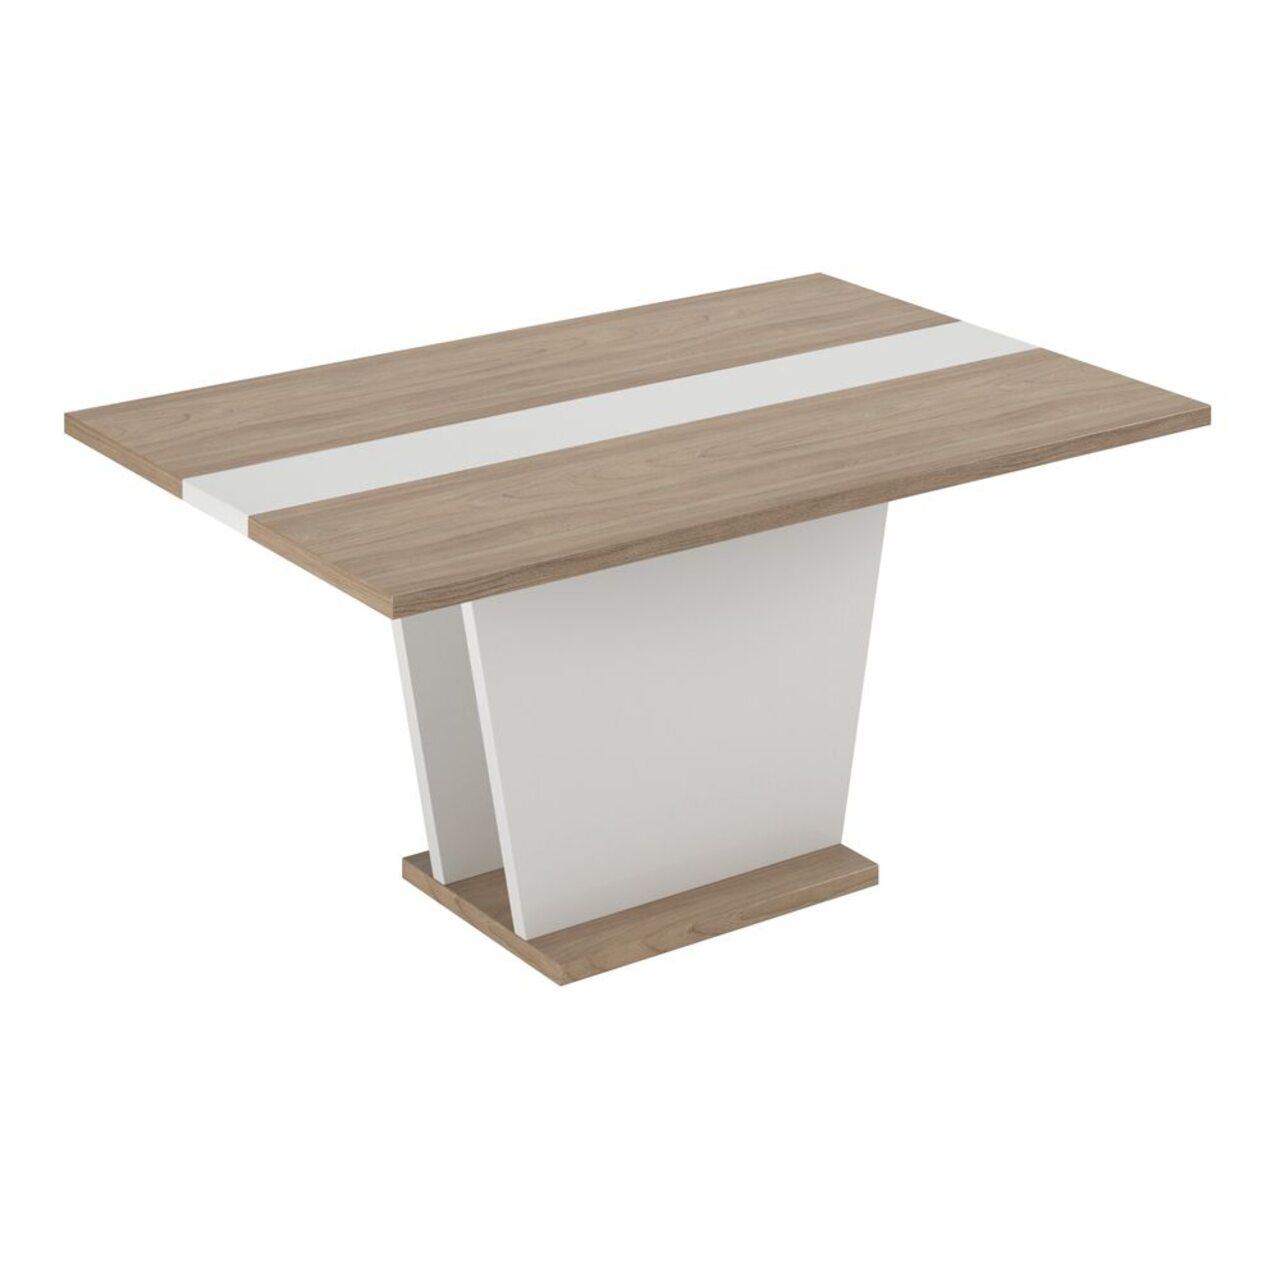 Брифинг-приставка / Элемент стола переговоров ASTI 140x100x75 - фото 1